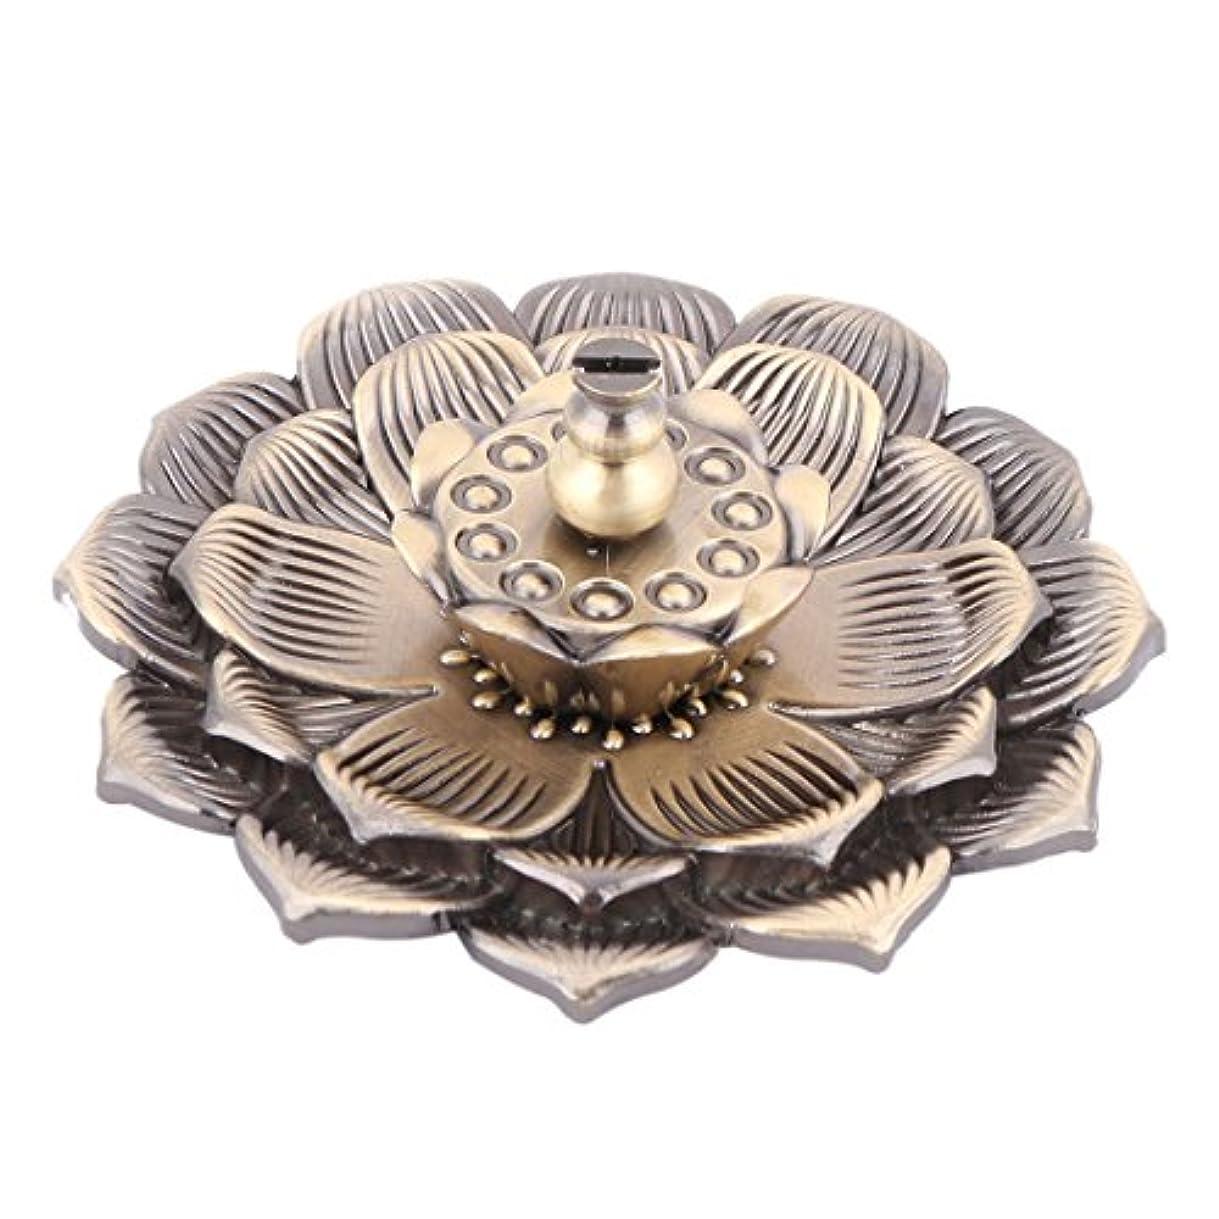 uxcell 香炉ホルダー お香立て インセンスホルダー 蓮 ロータス 花型 セット 金属製 家庭用 直径10cm ブロンズ